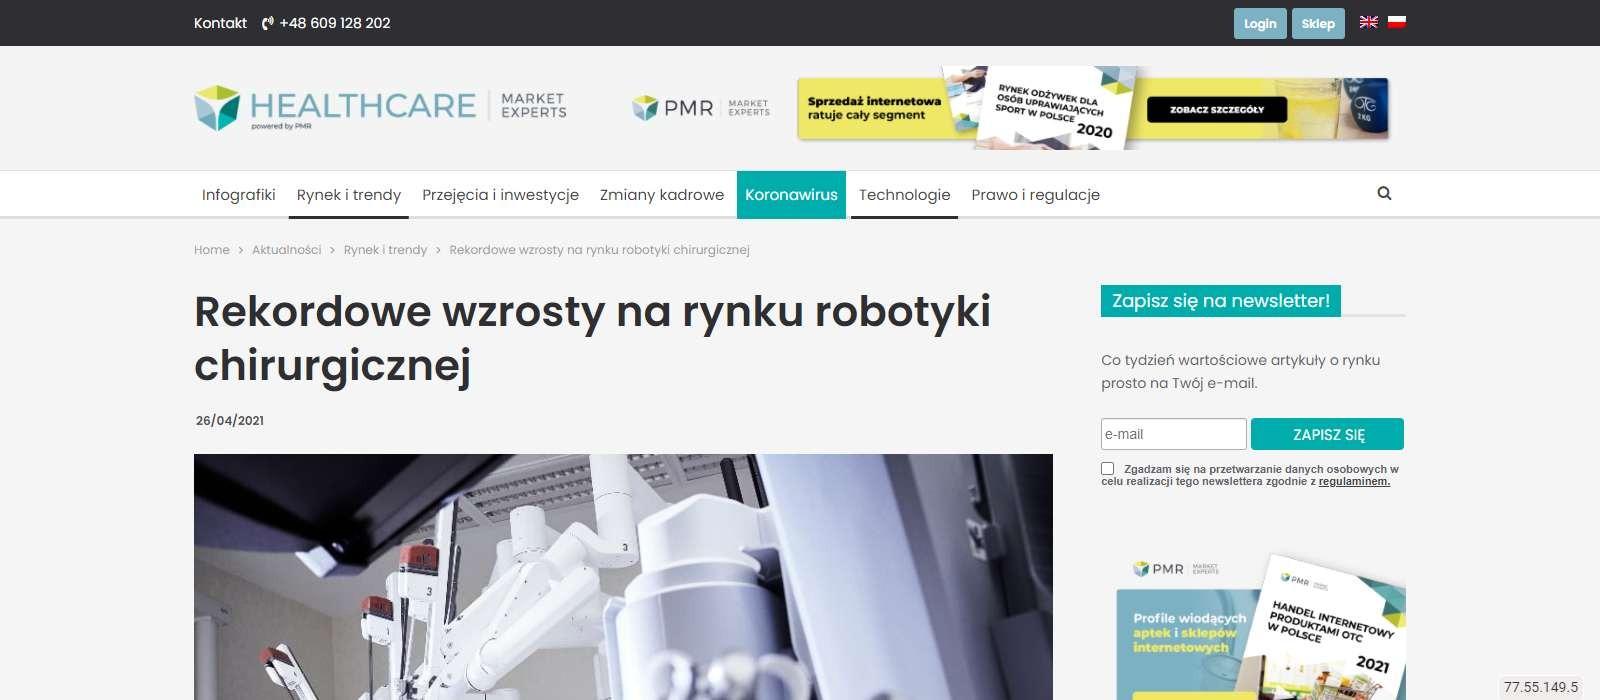 rekordowe wzrosty na rynku robotyki chirurgicznej